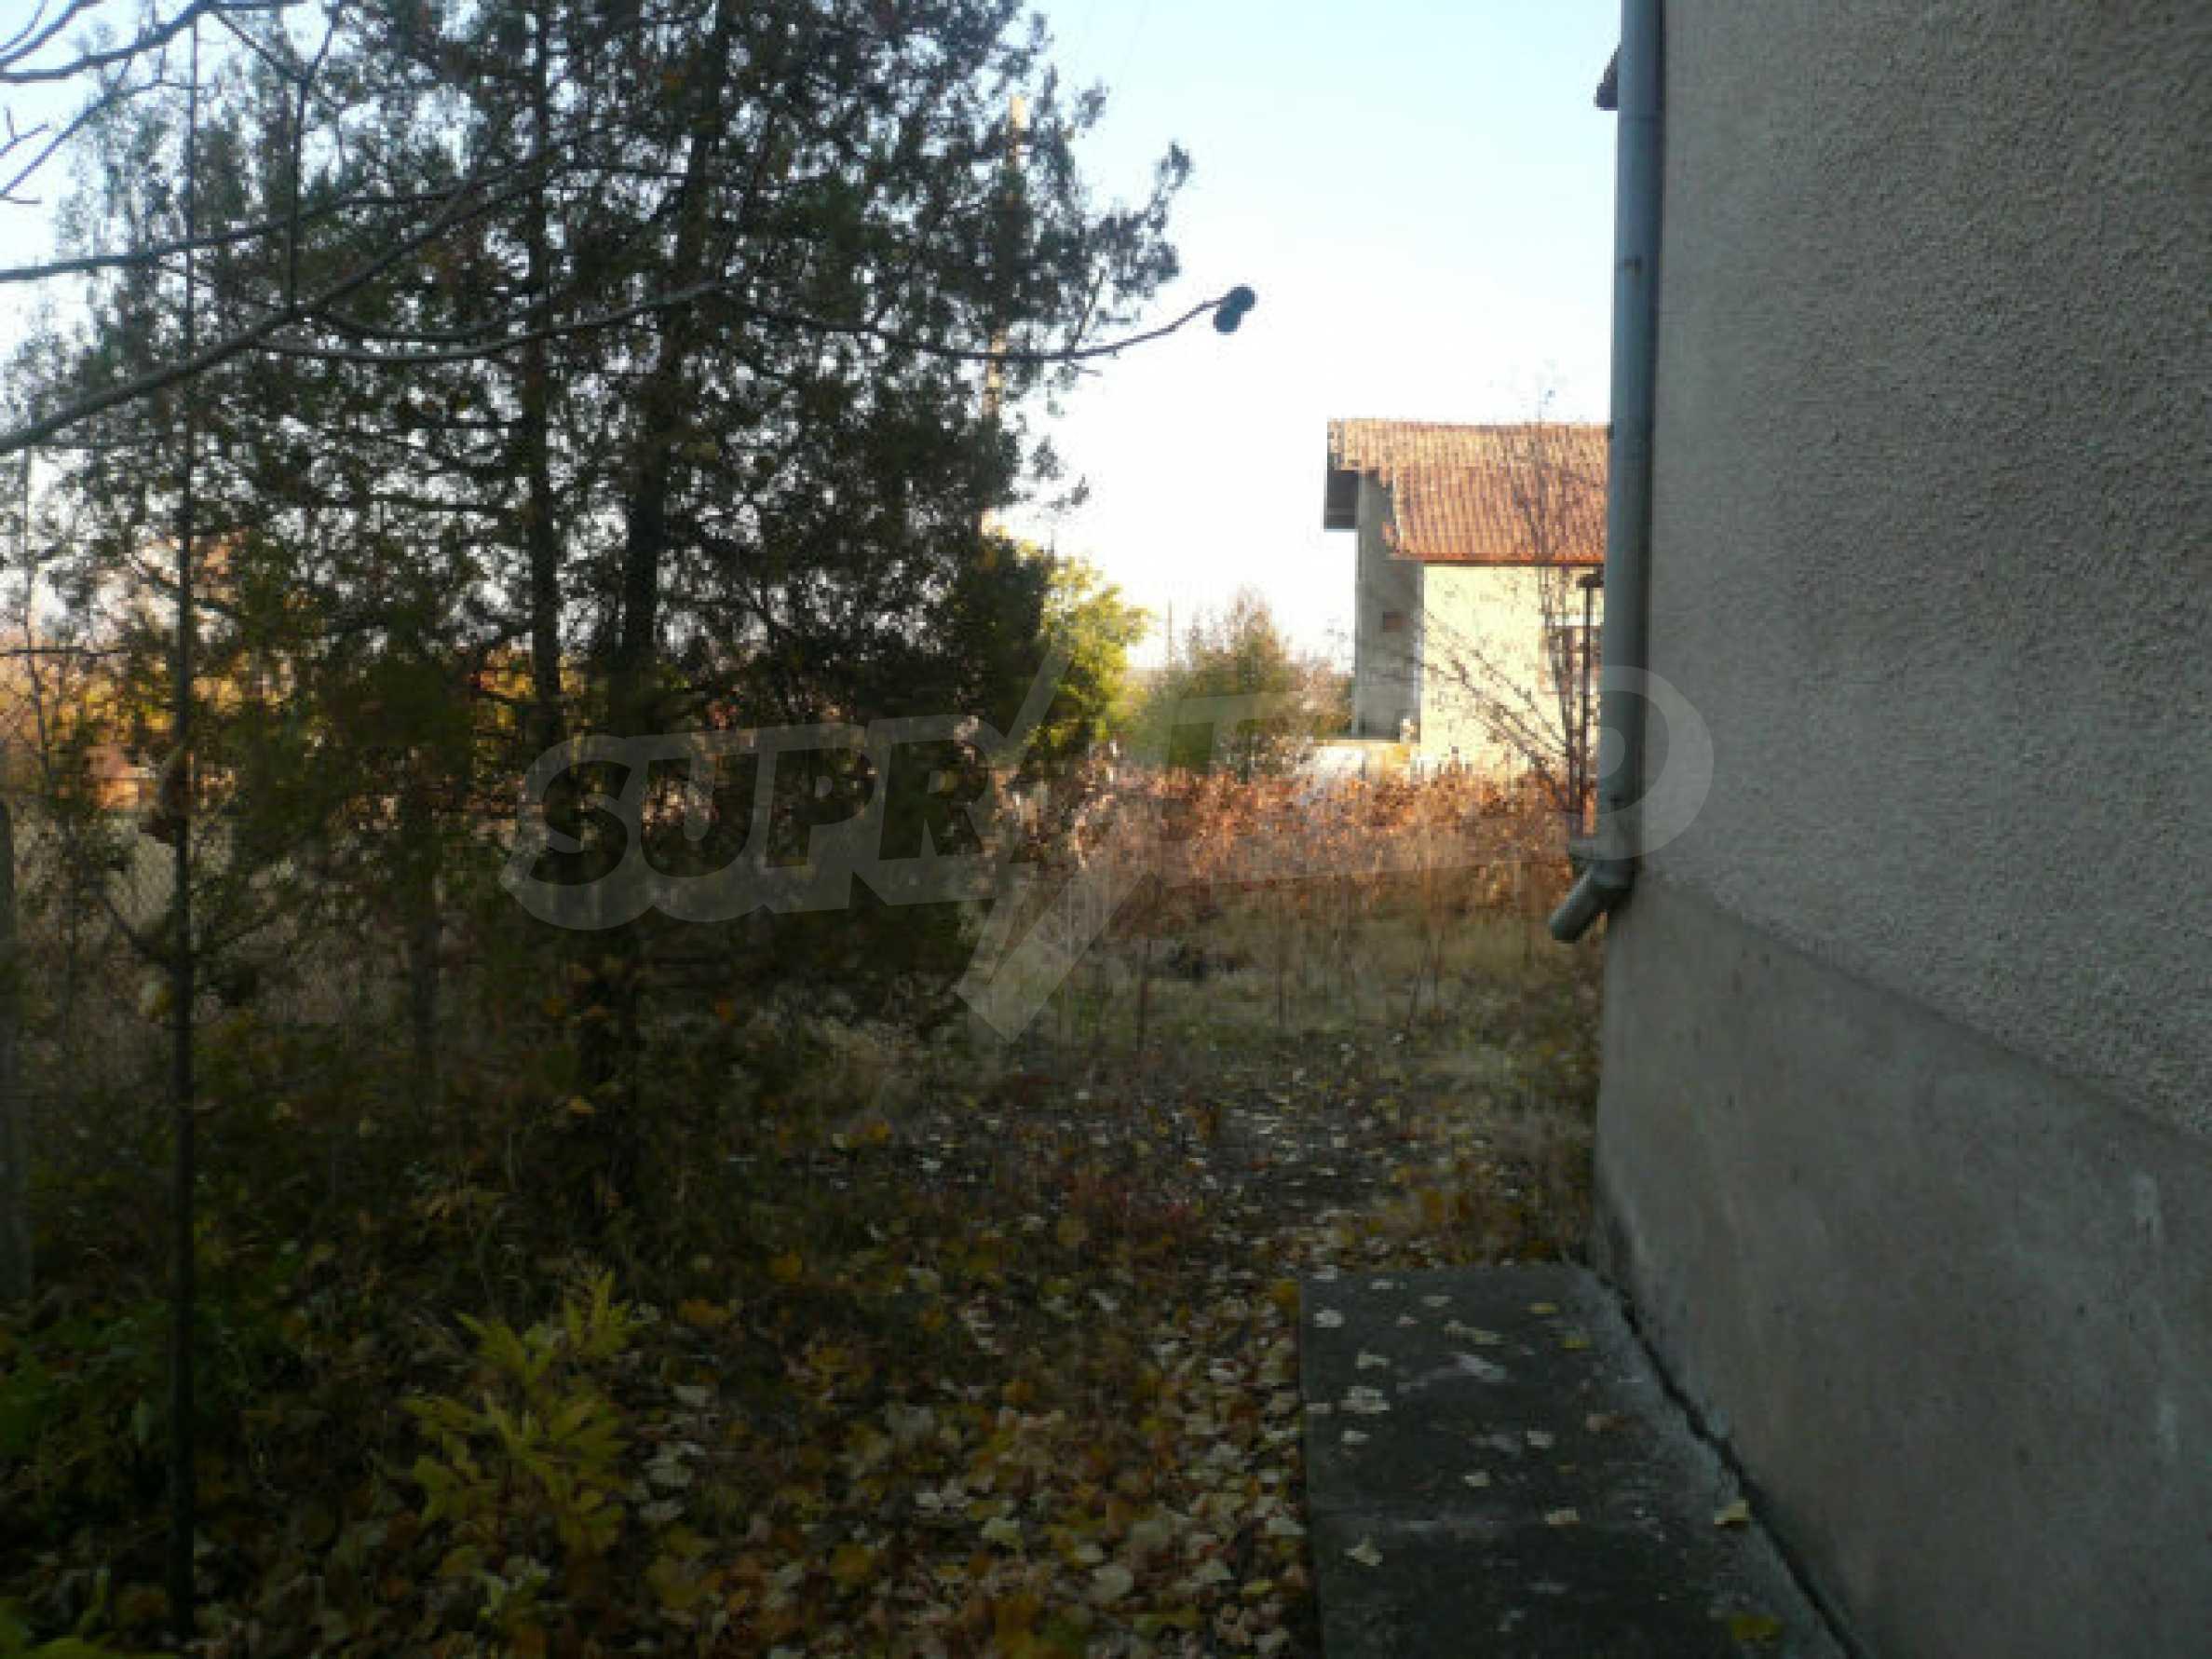 Haus zum Verkauf in der Nähe von Vidin, Bulgarien 26